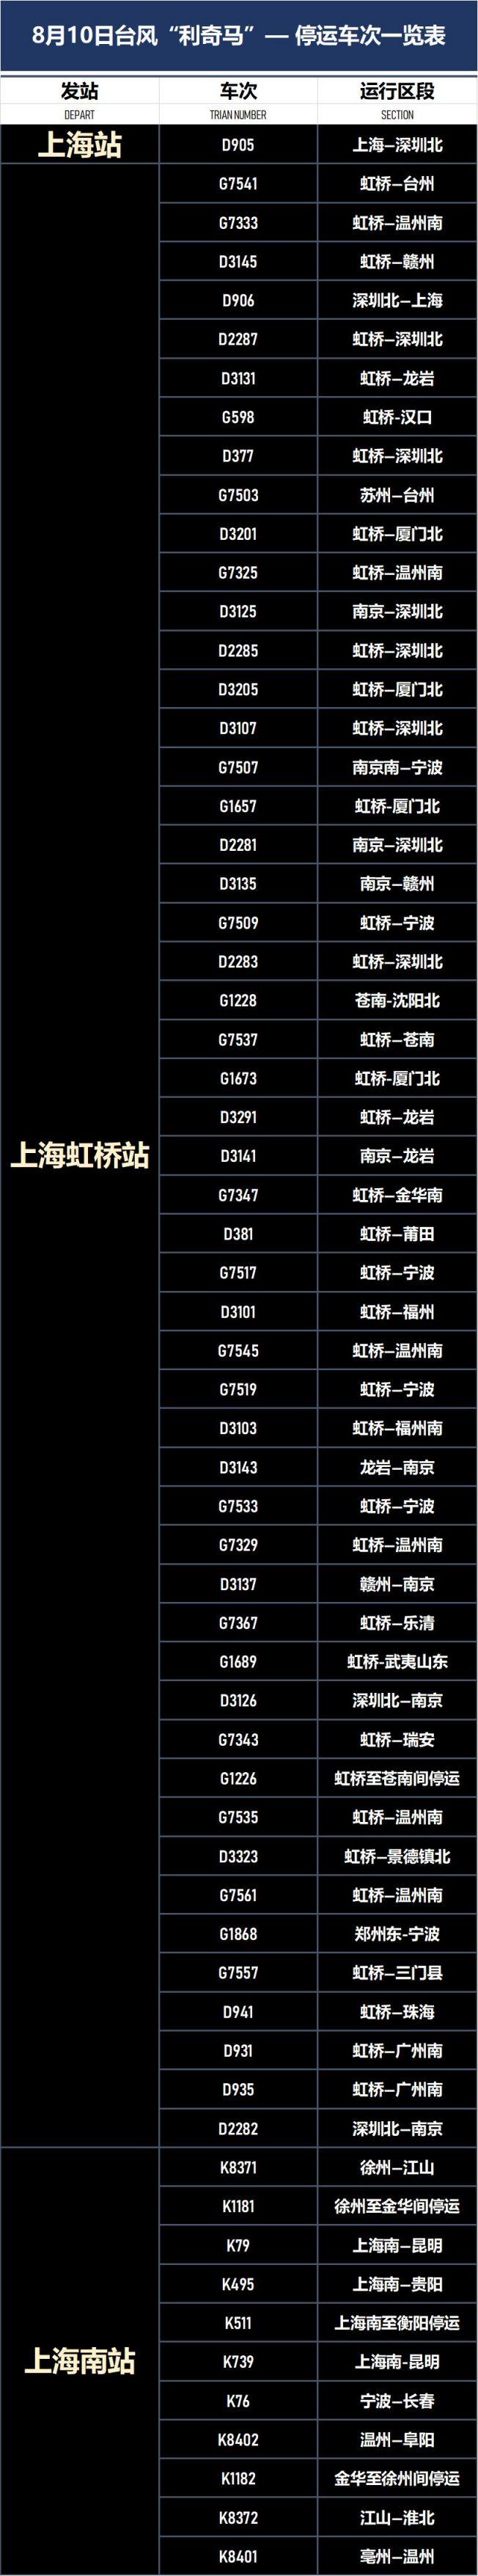 2019年9号台风利奇马登录上海铁路部分列车停运 附车次